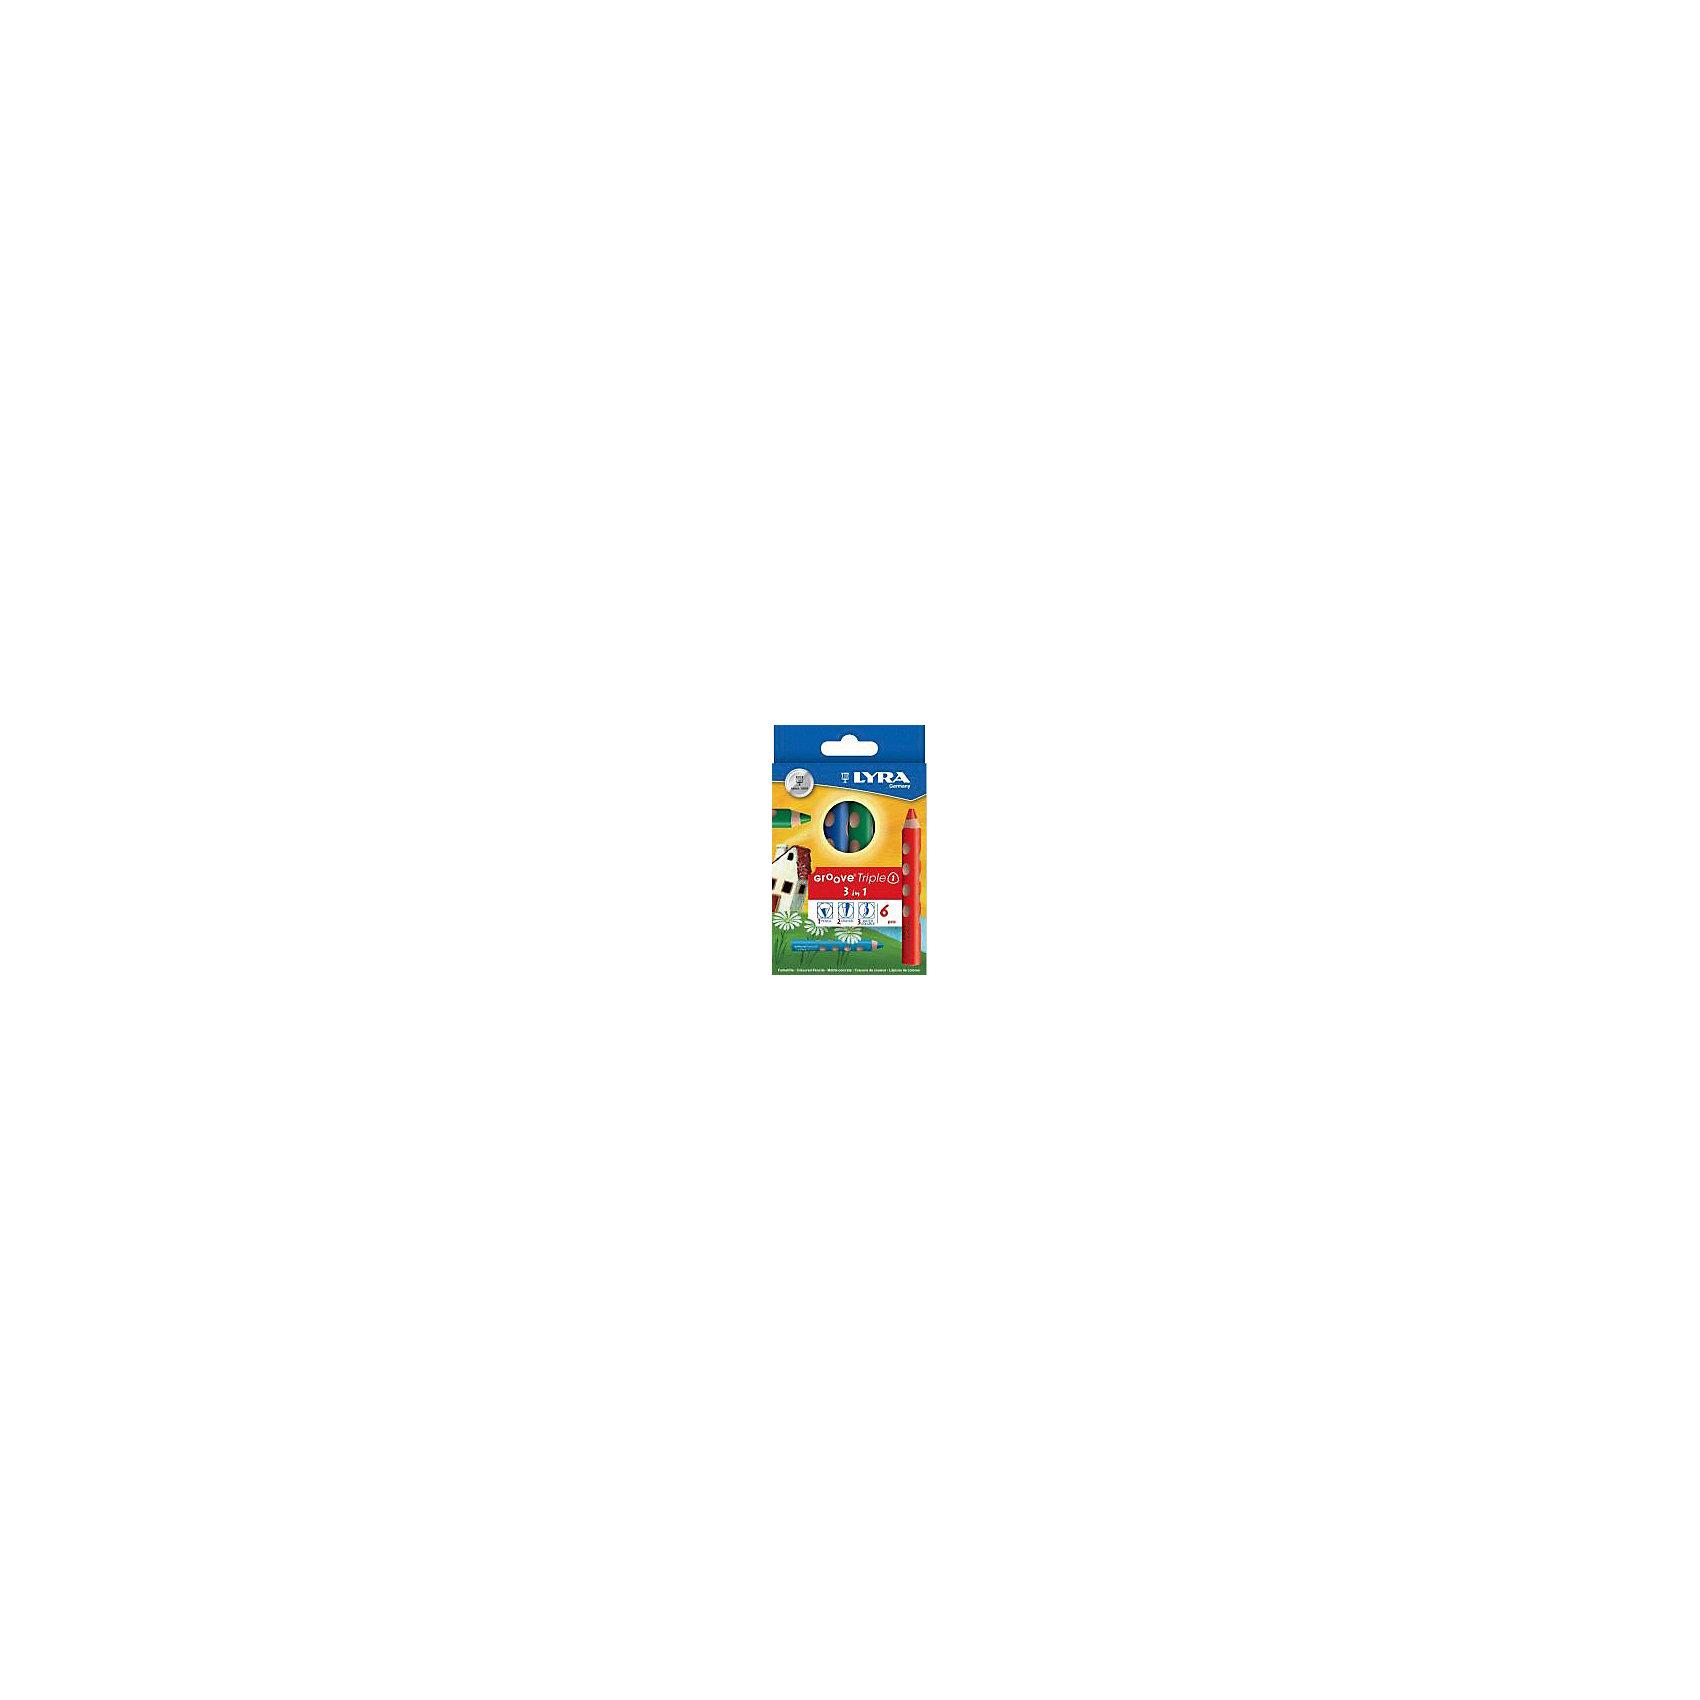 Цветные карандаши 3 в 1: цветной карандаш, акварельный карандаш, восковый мелок, 6 шт.Письменные принадлежности<br>Характеристики товара:<br><br>• в комплекте: 6 карандашей;<br>• материал: дерево;<br>• размер карандаша: 16,5х120 мм;<br>• толщина грифеля: 10 мм;<br>• размер упаковки: 14,5х9х1,5 см;<br>• вес: 105 грамм;<br>• возраст: от 3 лет.<br><br>Lyra GROOVE TRIPLE ONE - набор карандашей 3 в 1: цветной карандаш, восковой мелок, акварельный карандаш. Карандаши удобны для детских рук благодаря большому размеру и круглым выемкам на корпусе. Грифель карандаша выдерживает сильное нажатие, не ломается и хорошо затачивается. Карандаши изготовлены из качественной сертифицированной древесины.<br><br>Lyra (Лира) GROOVE TRIPLE ONE Карандаши цветные 3 в 1 (цветной кар, акварельный кар, восковый мелок) 6 цв можно купить в нашем интернет-магазине.<br><br>Ширина мм: 147<br>Глубина мм: 96<br>Высота мм: 20<br>Вес г: 97<br>Возраст от месяцев: 36<br>Возраст до месяцев: 1188<br>Пол: Унисекс<br>Возраст: Детский<br>SKU: 2502129